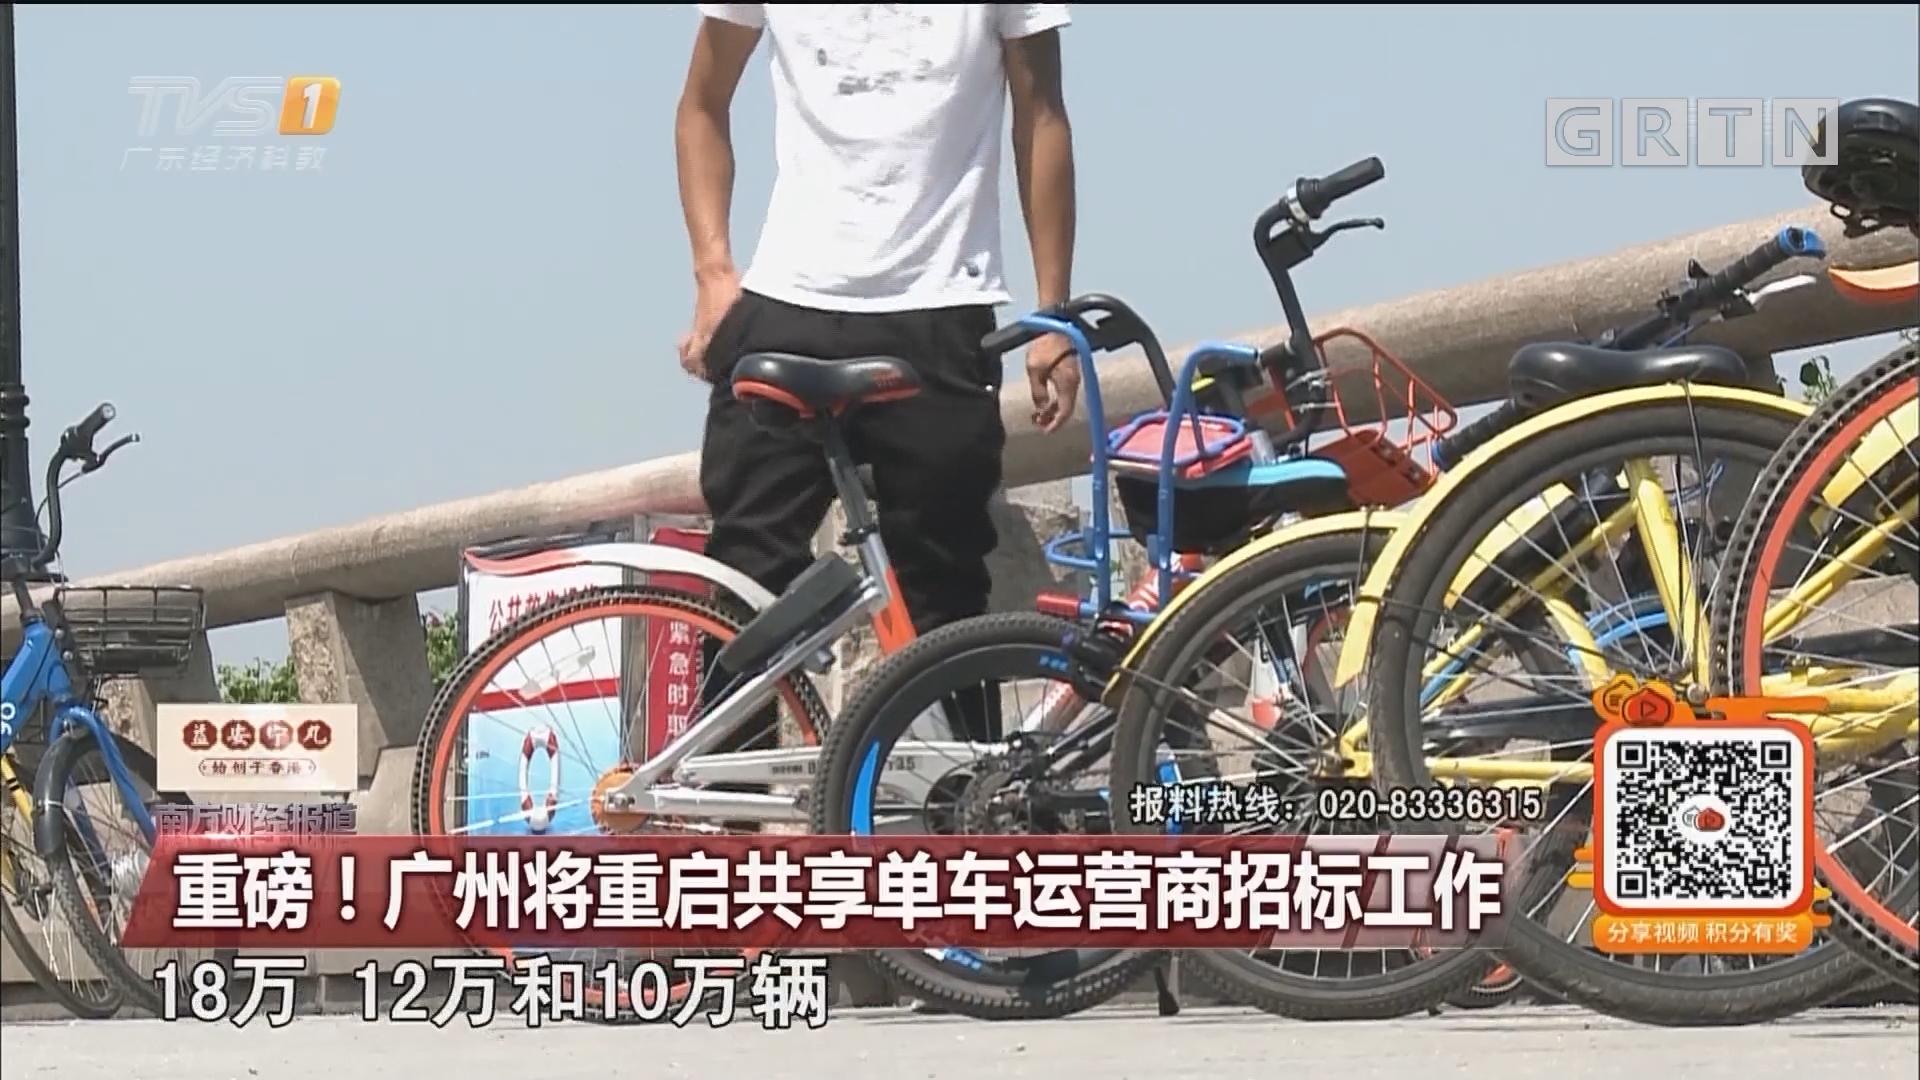 重磅!广州将重启共享单车运营商招标工作